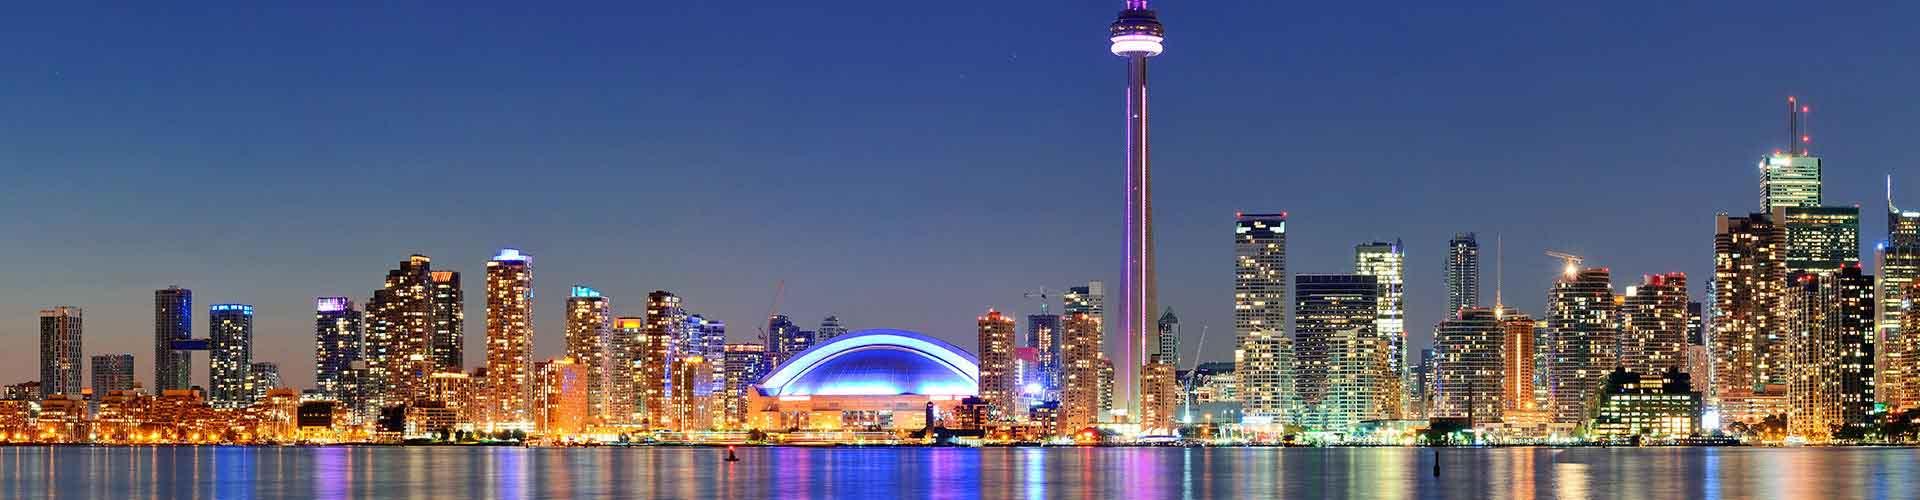 Toronto – Hostellit kaupungiosassa Entertainment District. Toronto -karttoja, valokuvia ja arvosteluja kaikista Toronto -hostelleista.